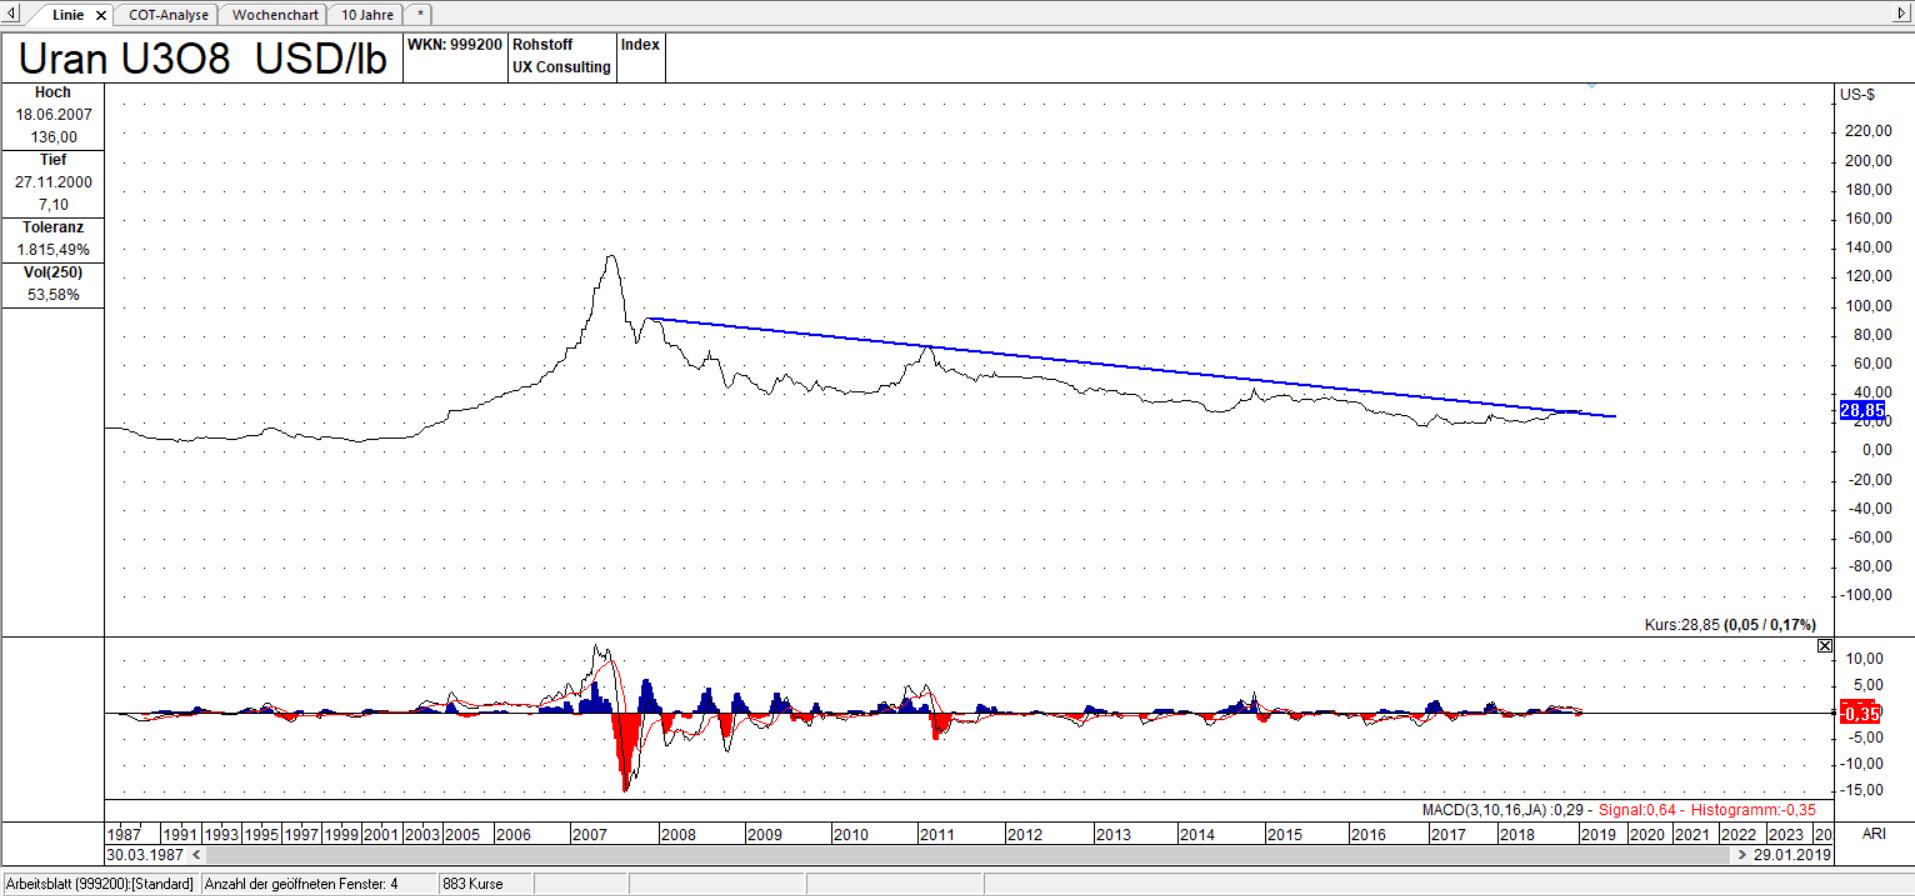 U3O8 Linienchart, linear: der Uranpreis notiert oberhalb der Trendlinie